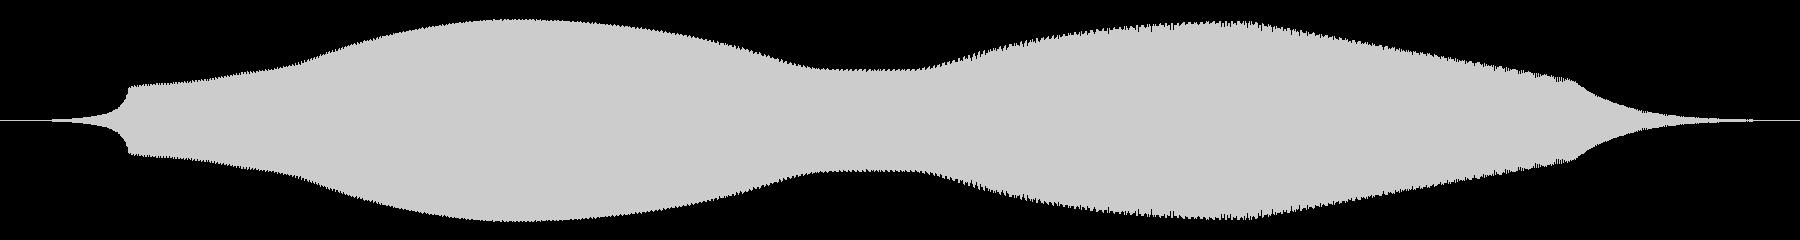 ヒューン【コミカルな落下の効果音】の未再生の波形